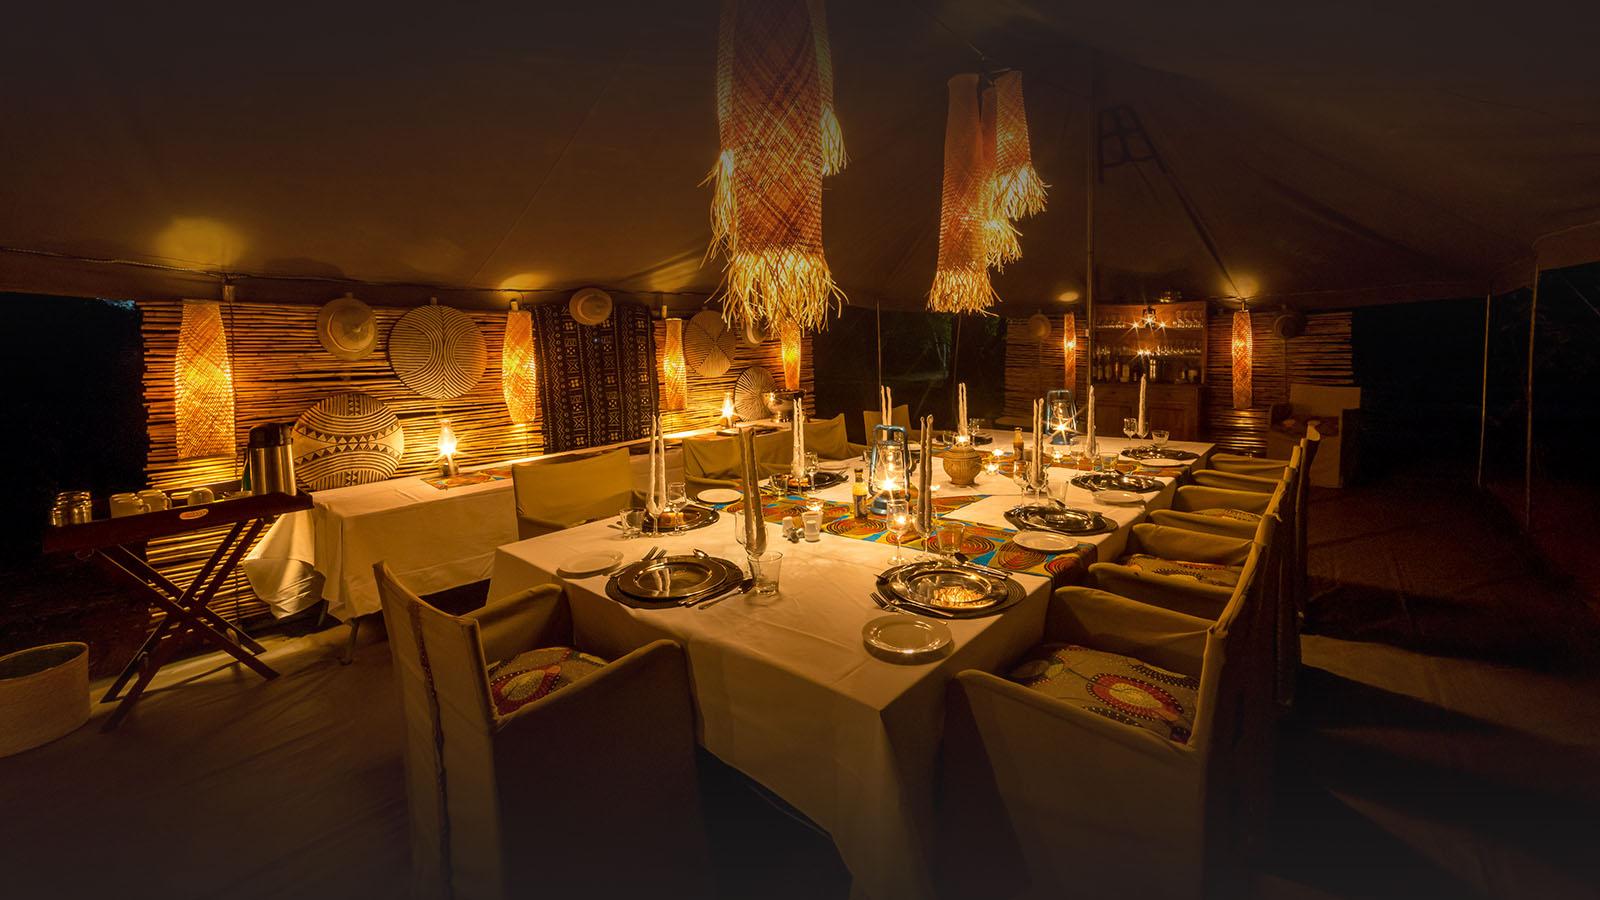 hwange bush camp hwange-national-park-zimbabwe-lodges-accommodation-authentic-camps-dining